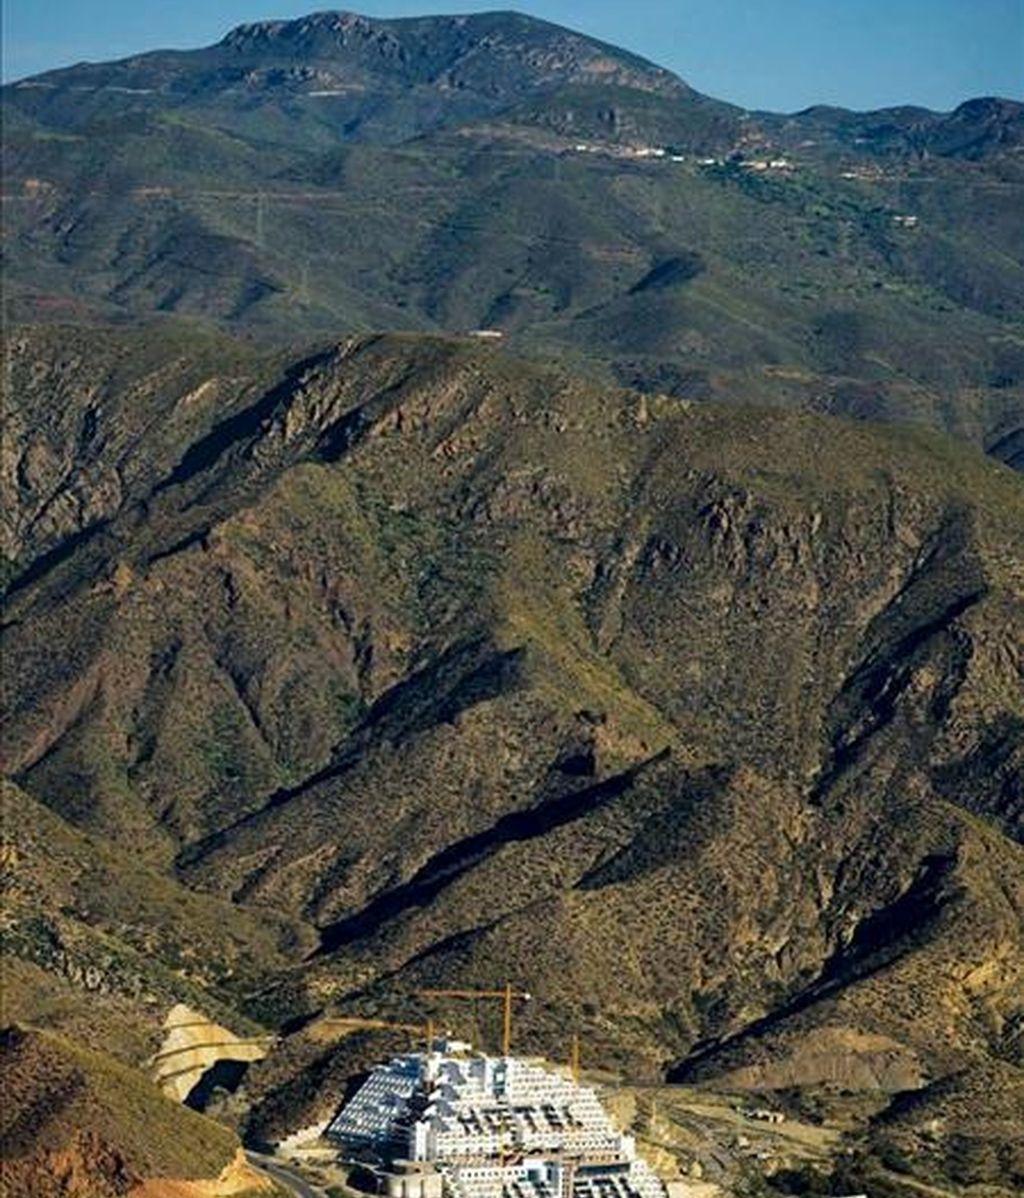 Vista general del hotel El Algarrobico, sito en Carboneras, en el cabo de Gata. EFE/Archivo